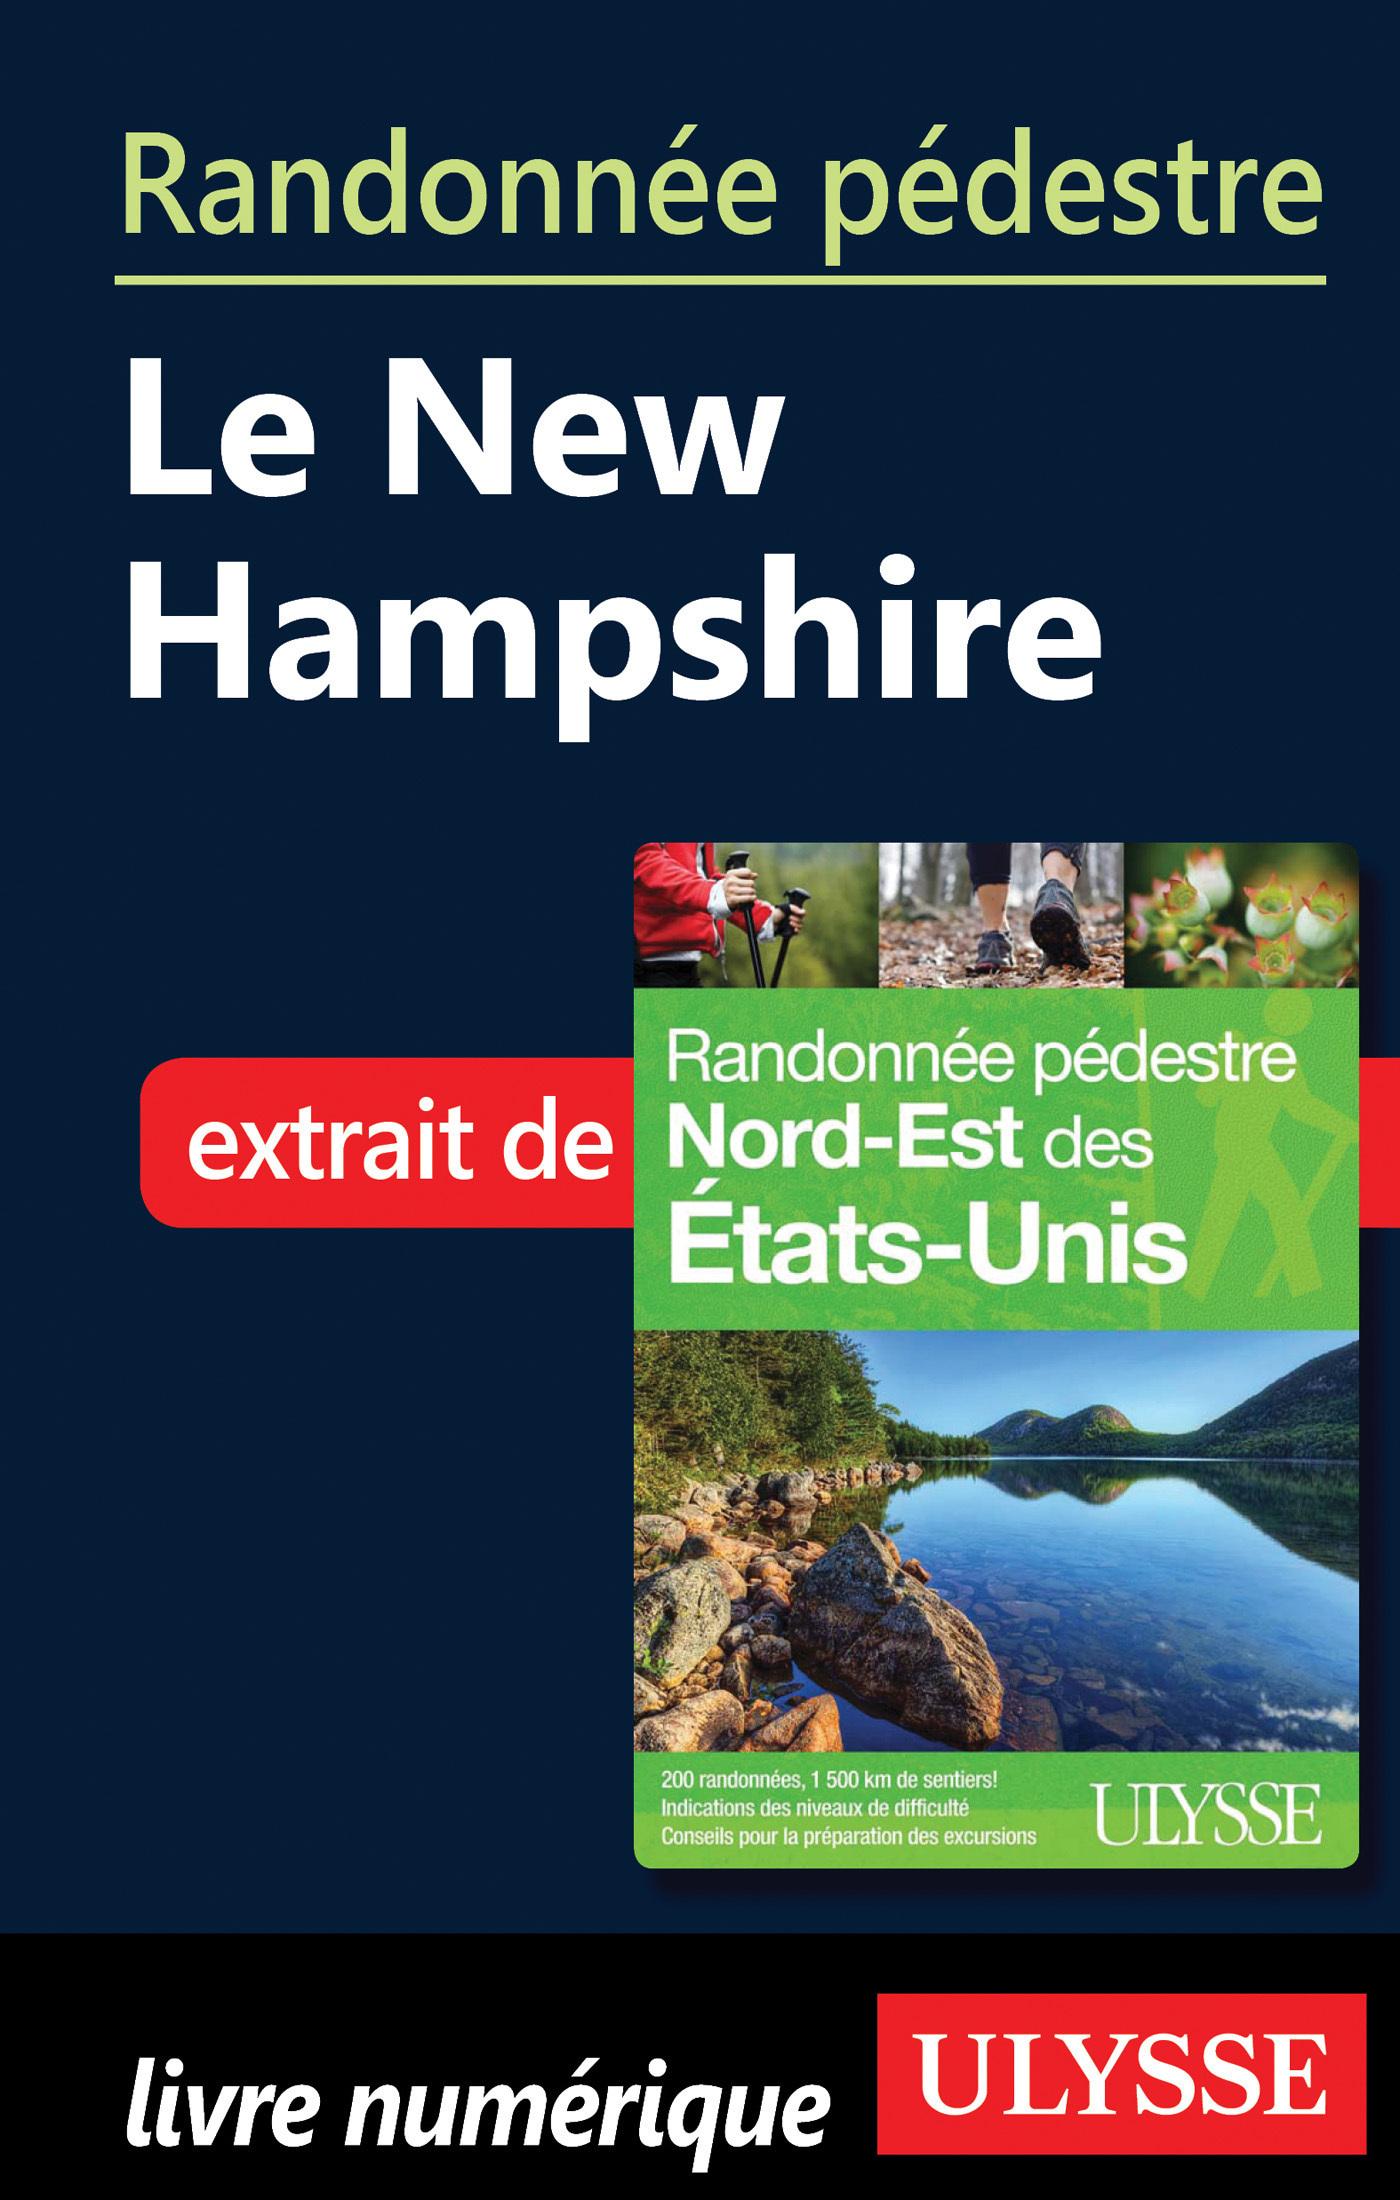 Randonnée pédestre Le New Hampshire